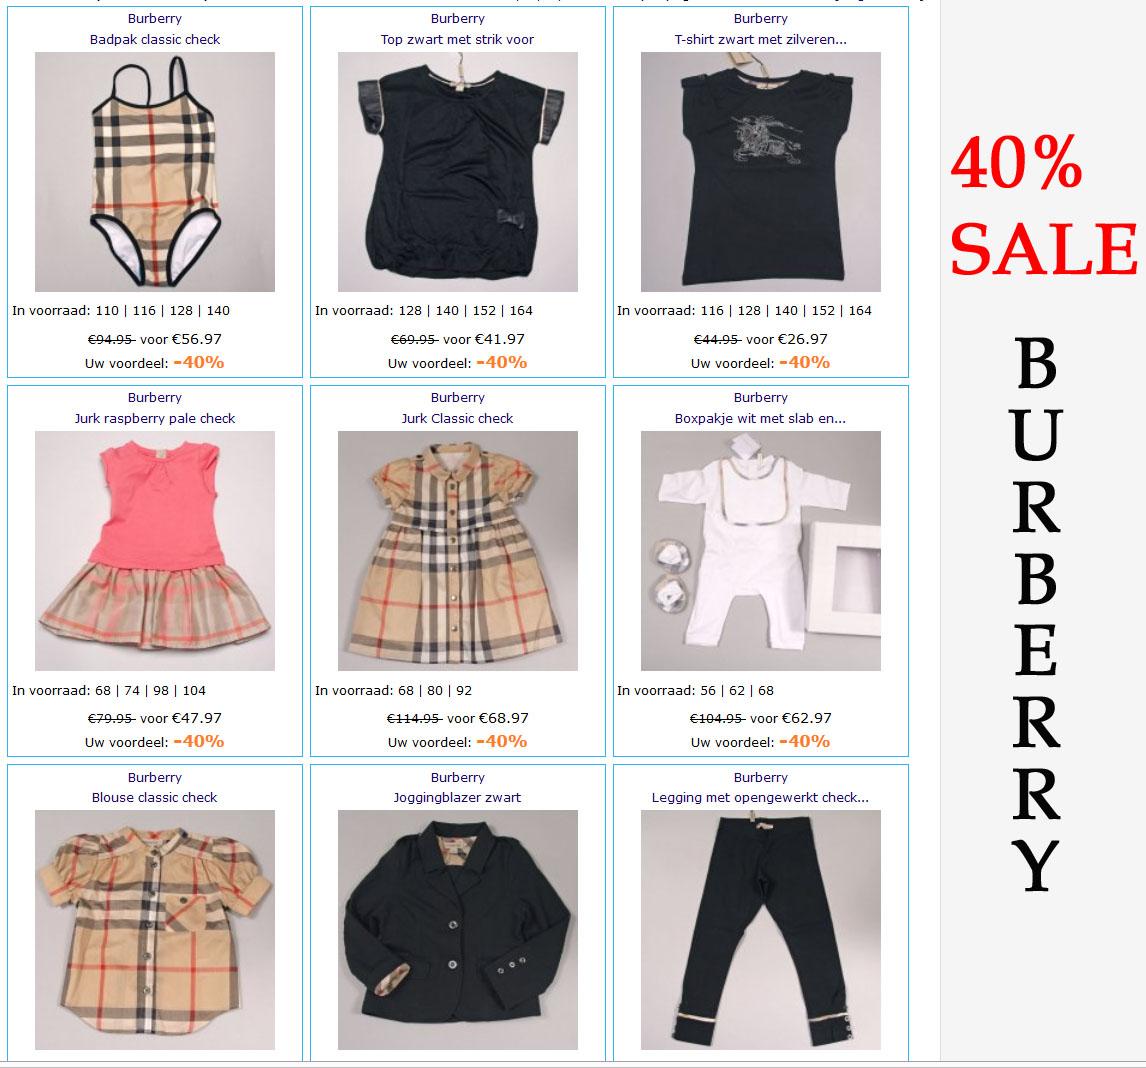 burberry sale kinderkleding mijn idee van mode. Black Bedroom Furniture Sets. Home Design Ideas